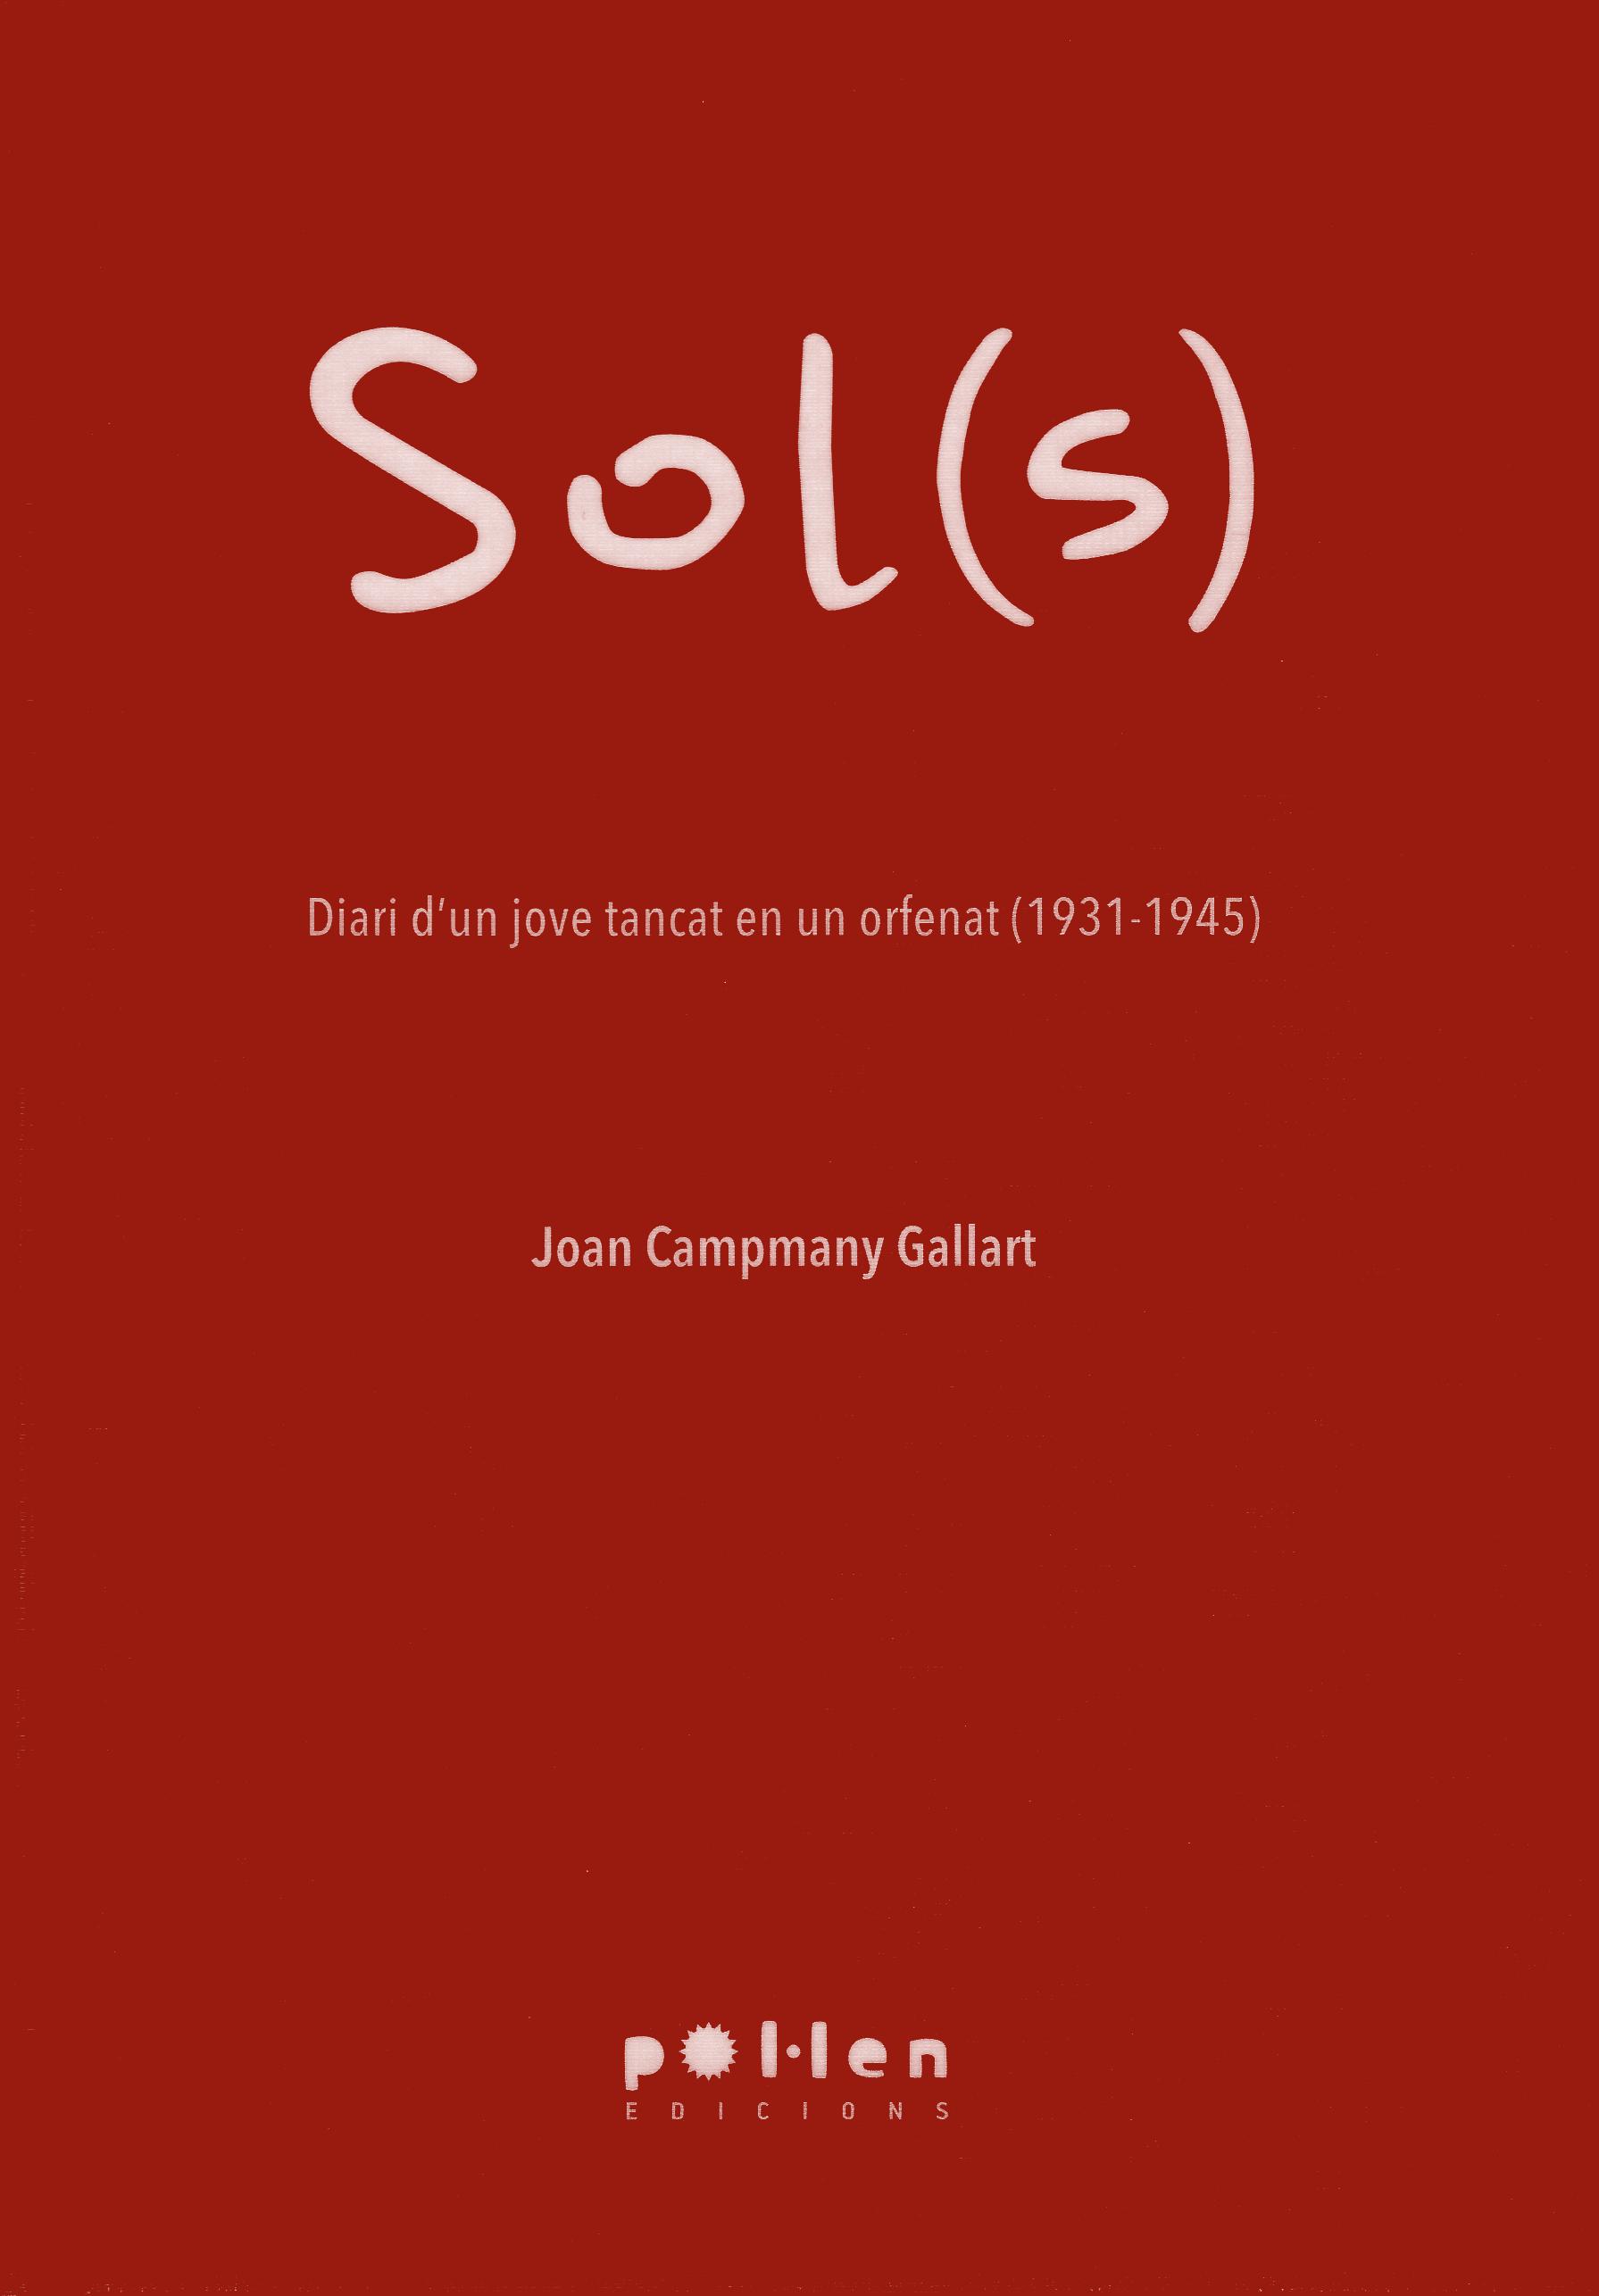 sol(s)-978-84-16828-14-2